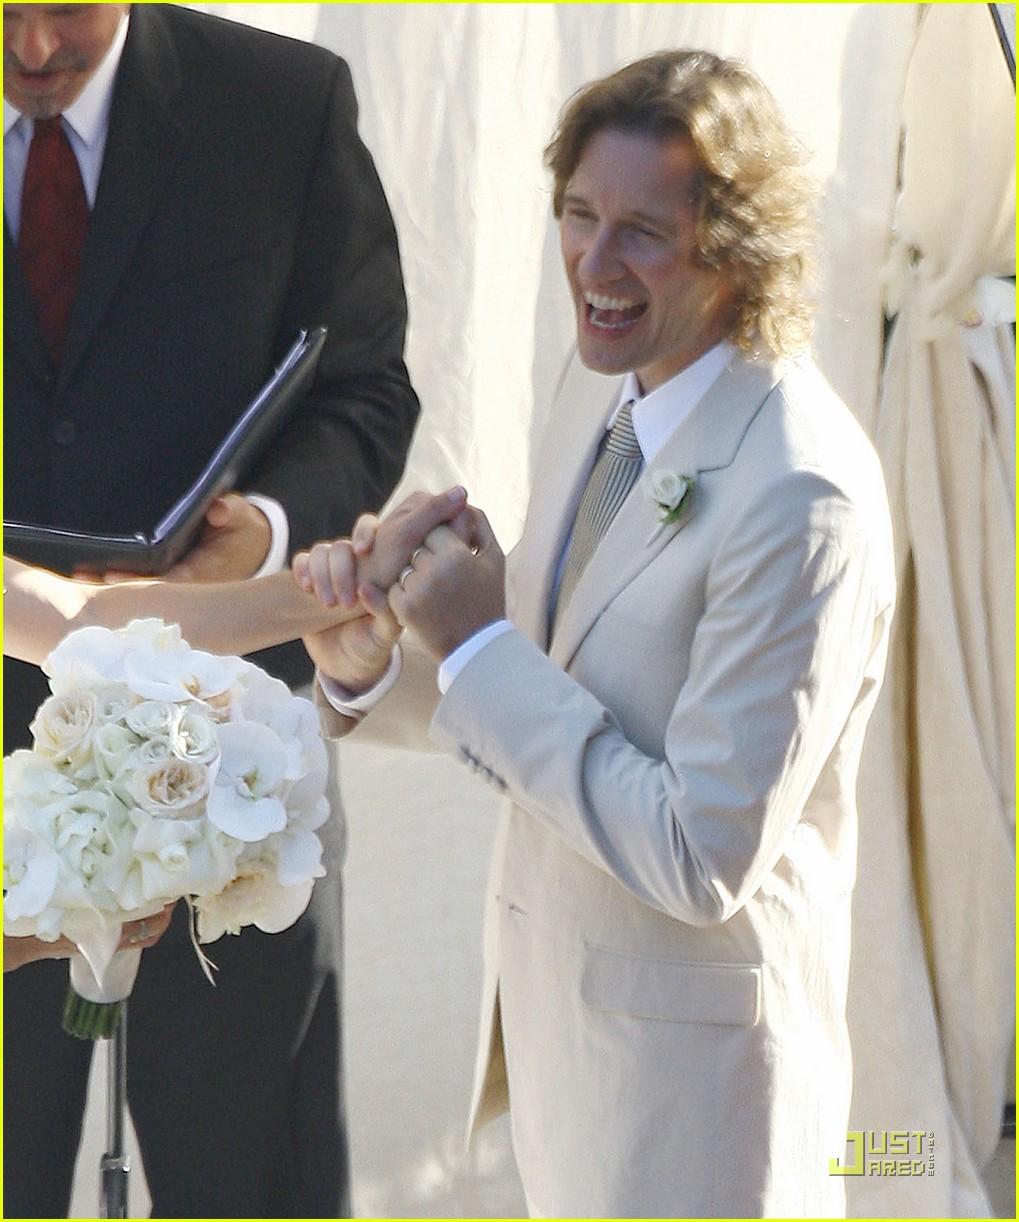 milla jovovich wedding picture 062151561